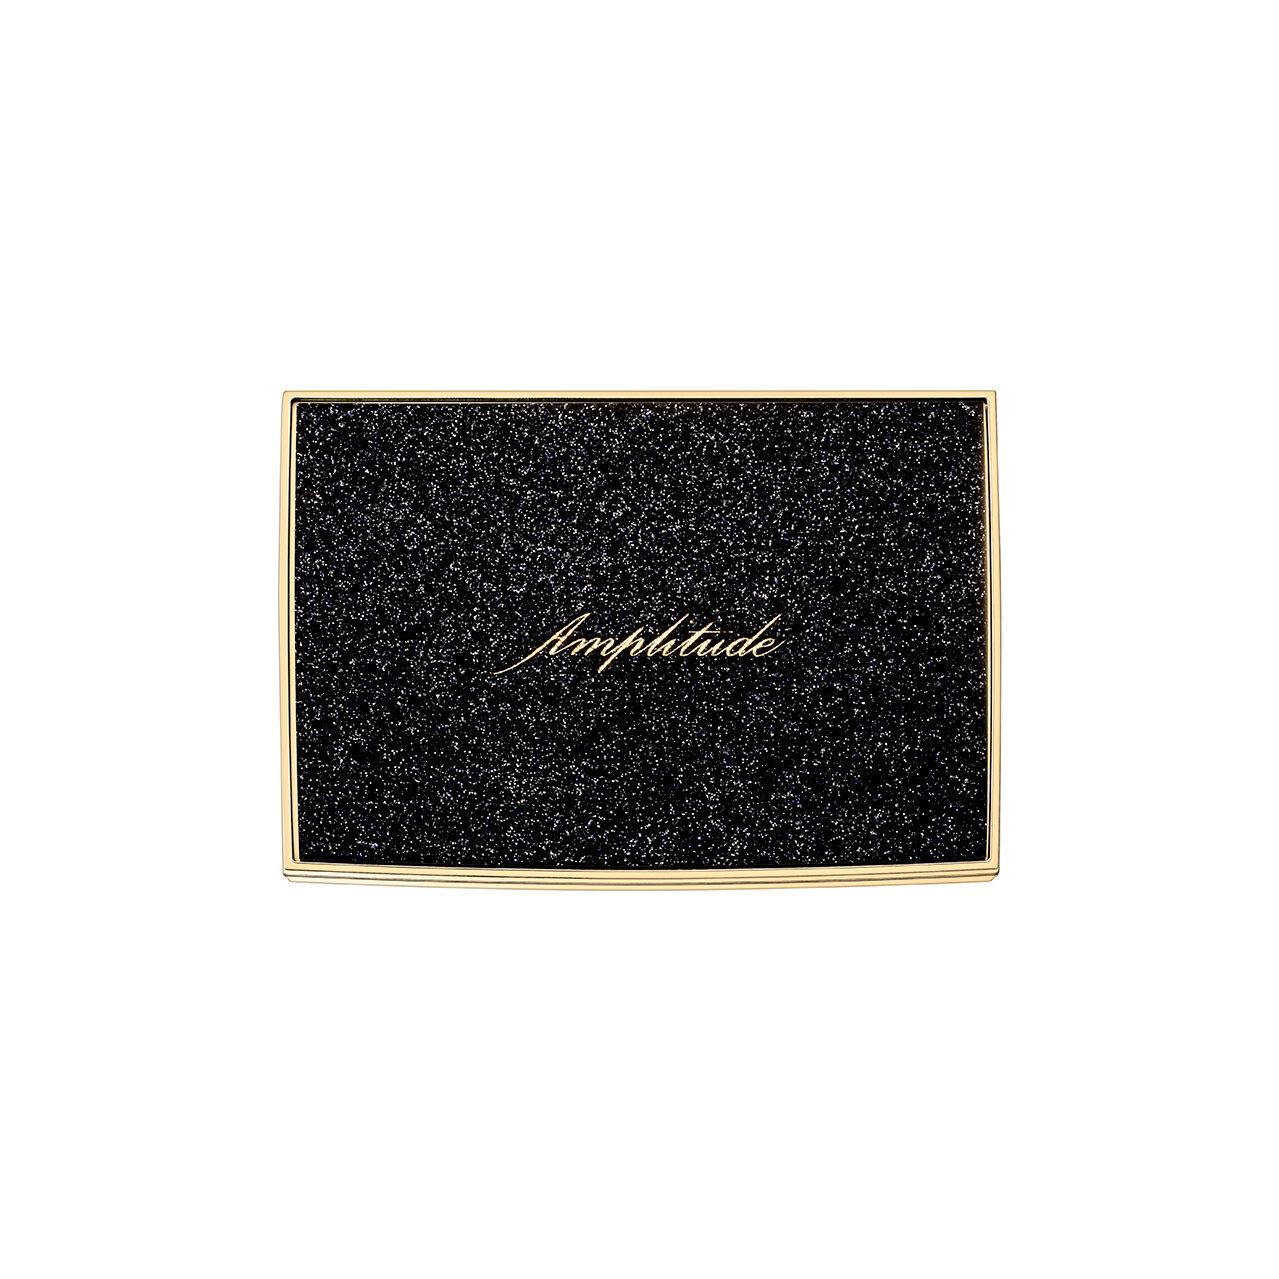 Amplitude(アンプリチュード)『Amplitude アイカラーパレット リミテッドコレクション a』